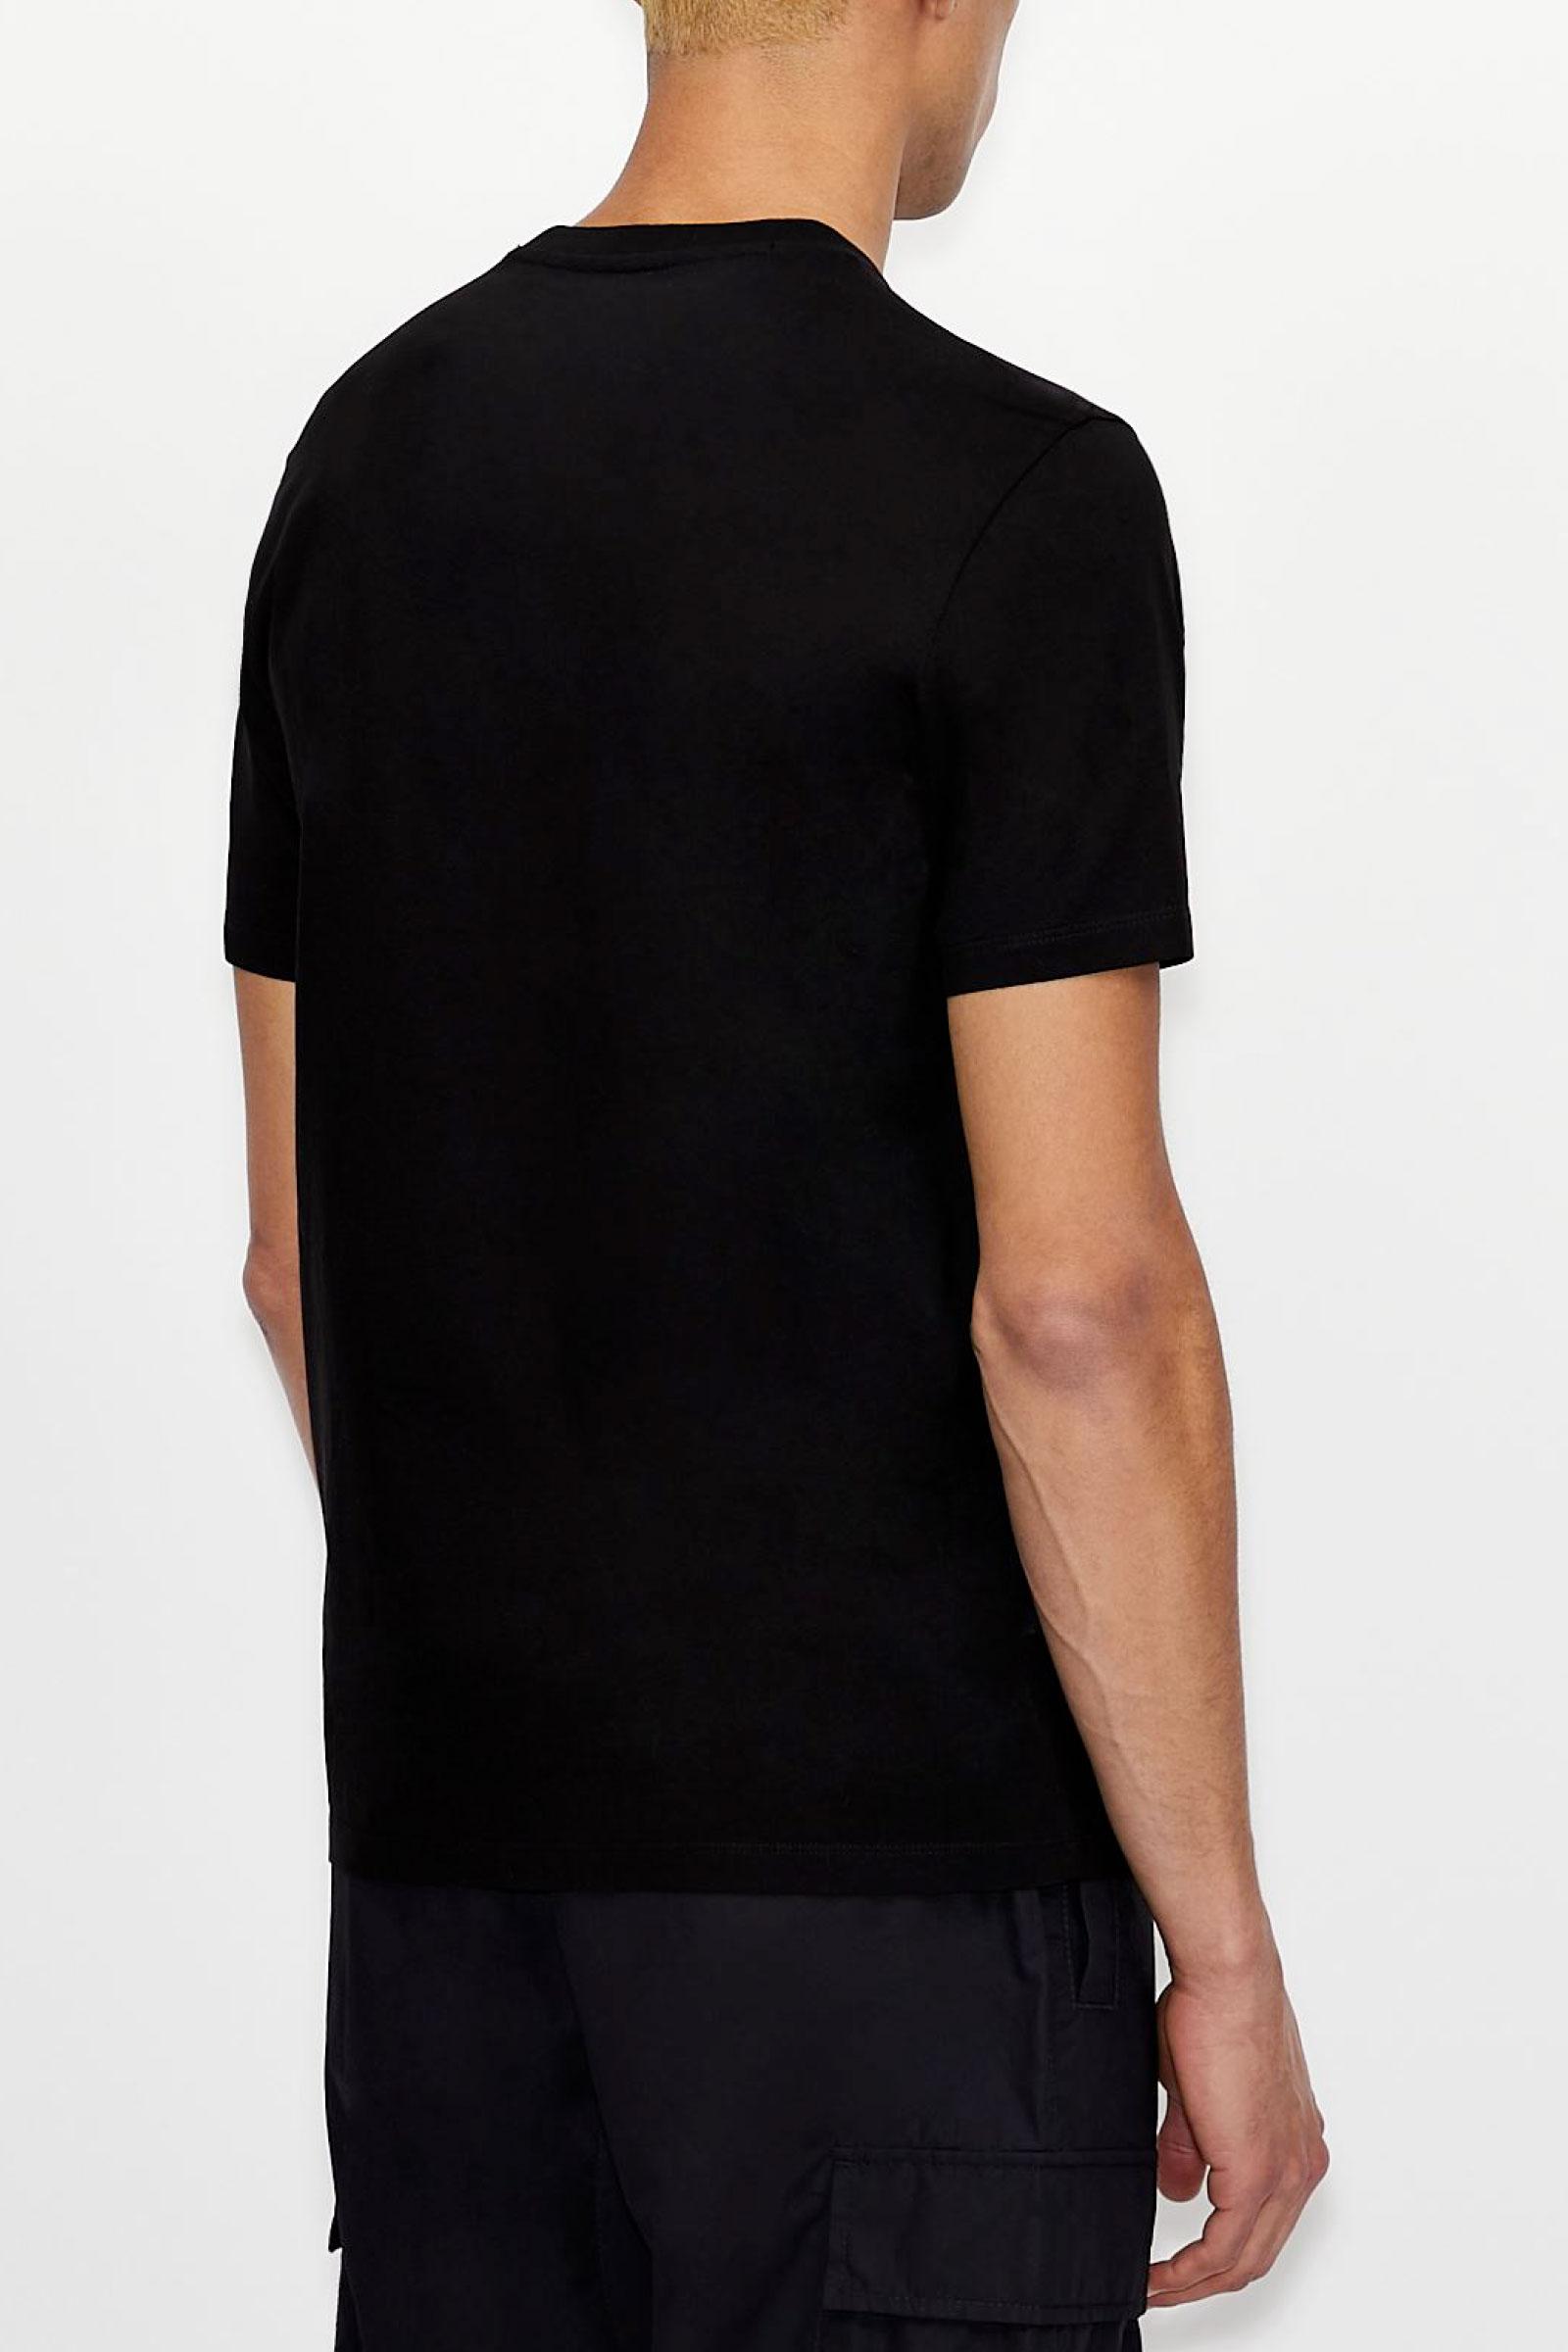 ARMANI EXCHANGE   T-Shirt   3KZTLD ZJ9AZ1200